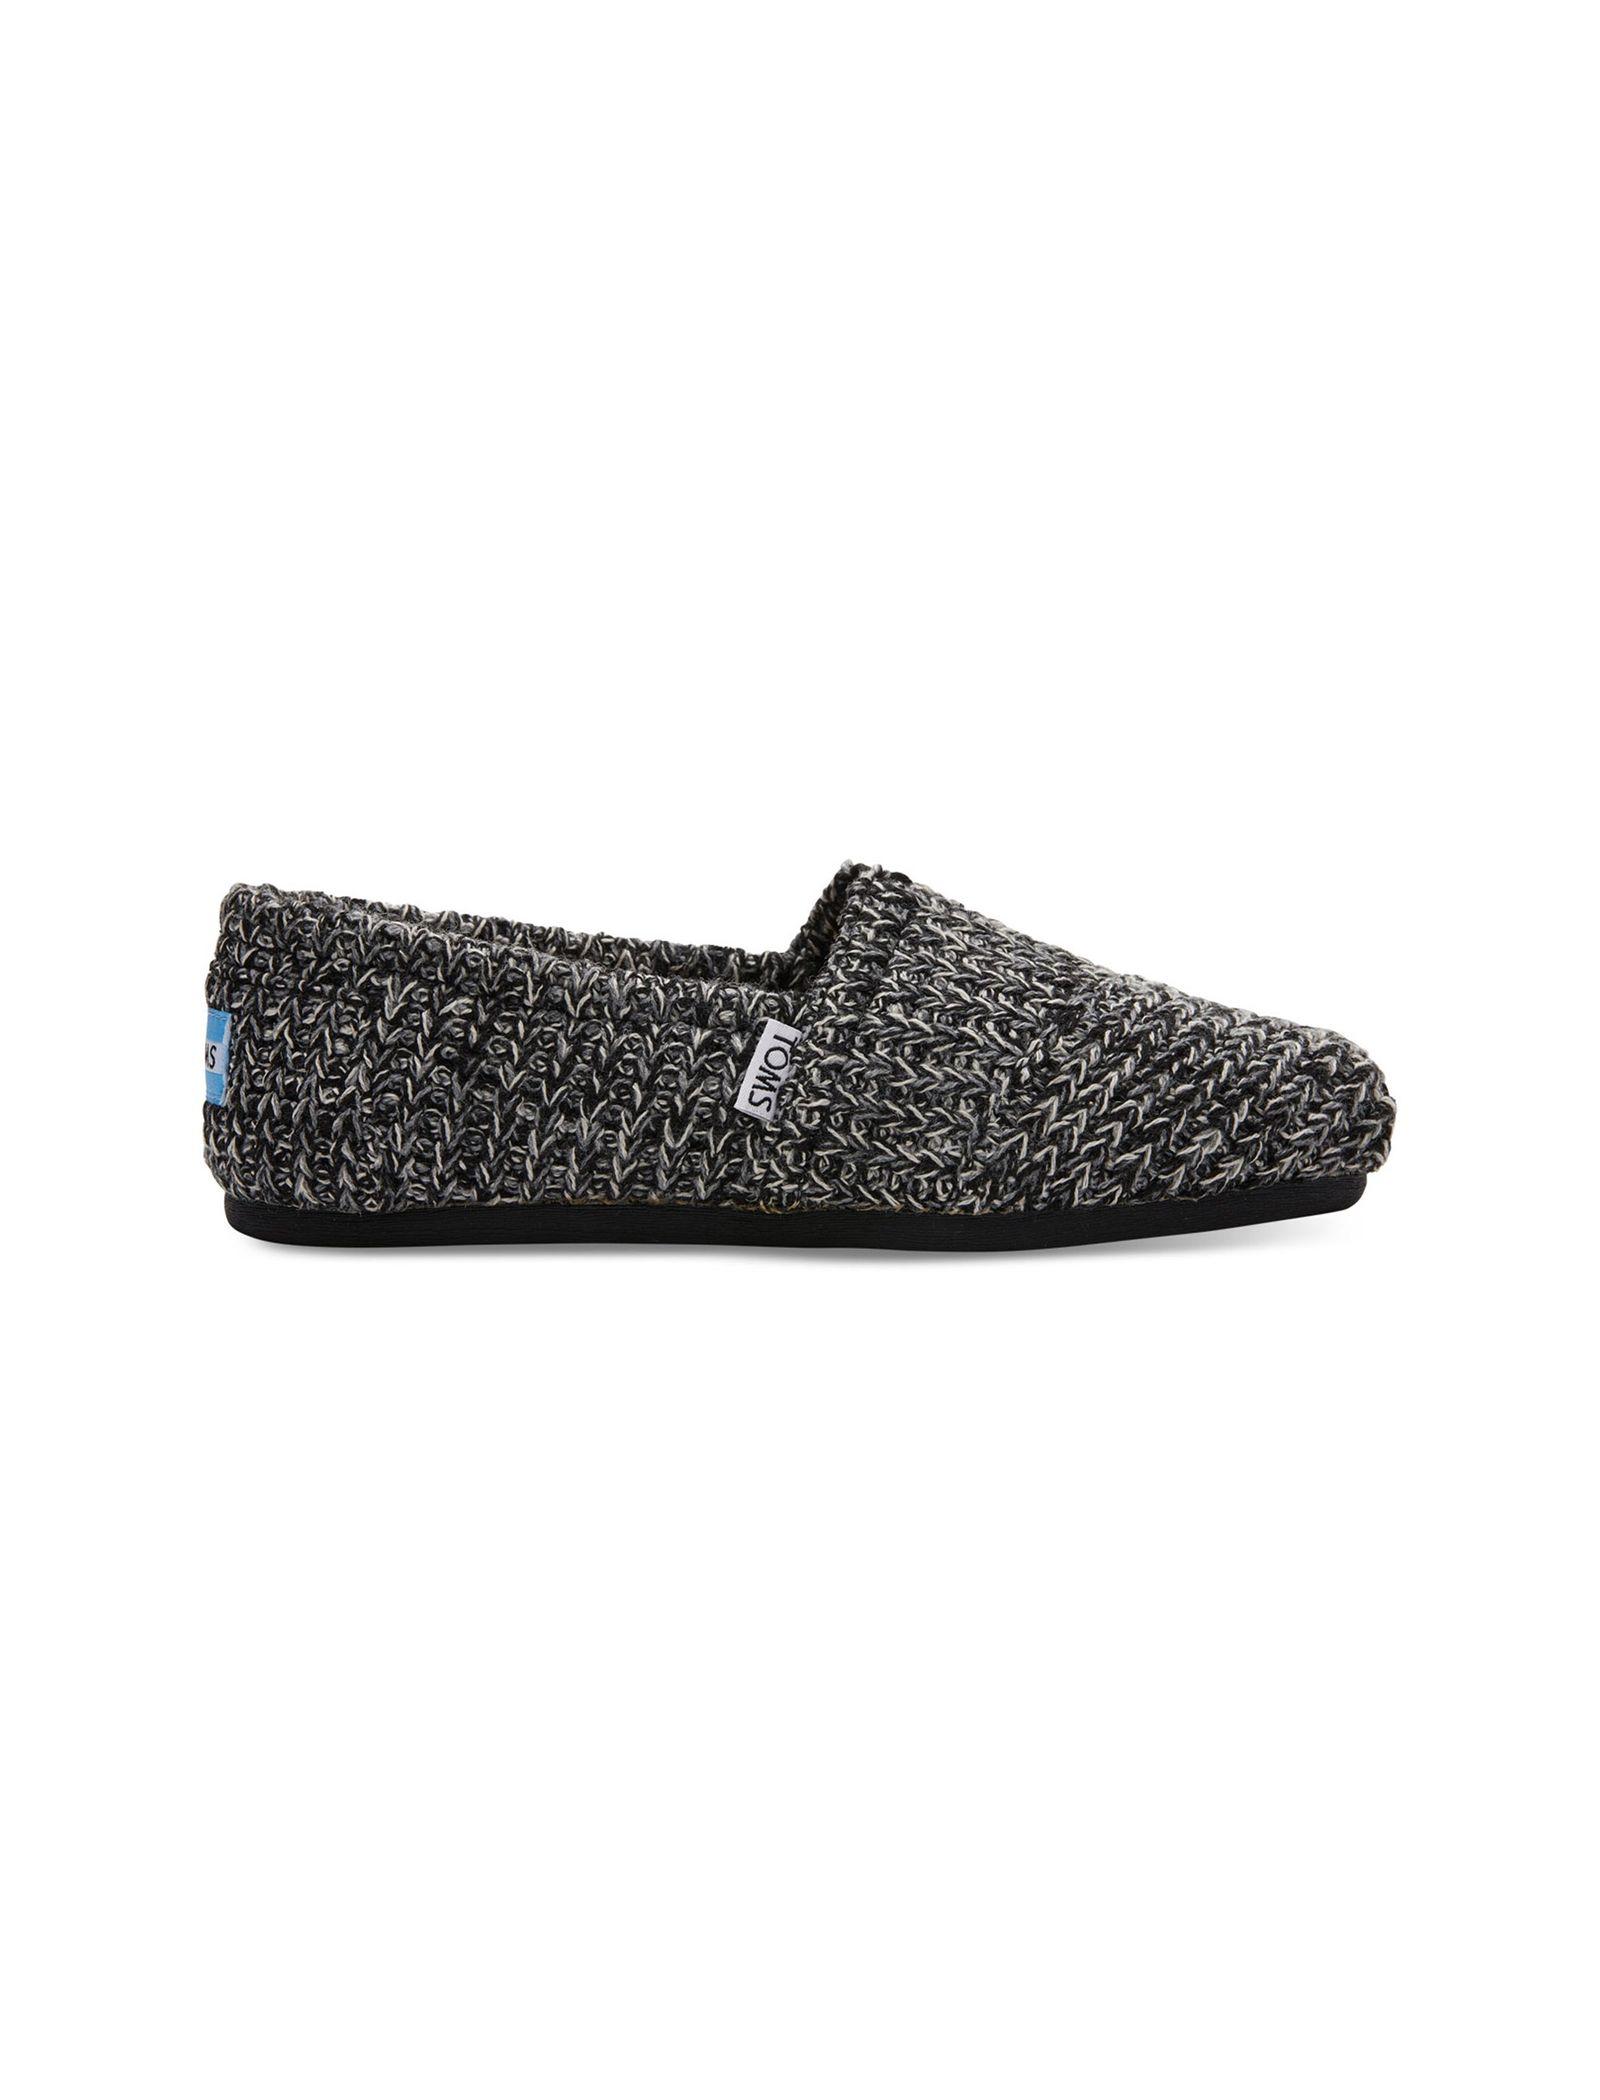 کفش تخت بافتنی زنانه - تامز - مشکي - 1